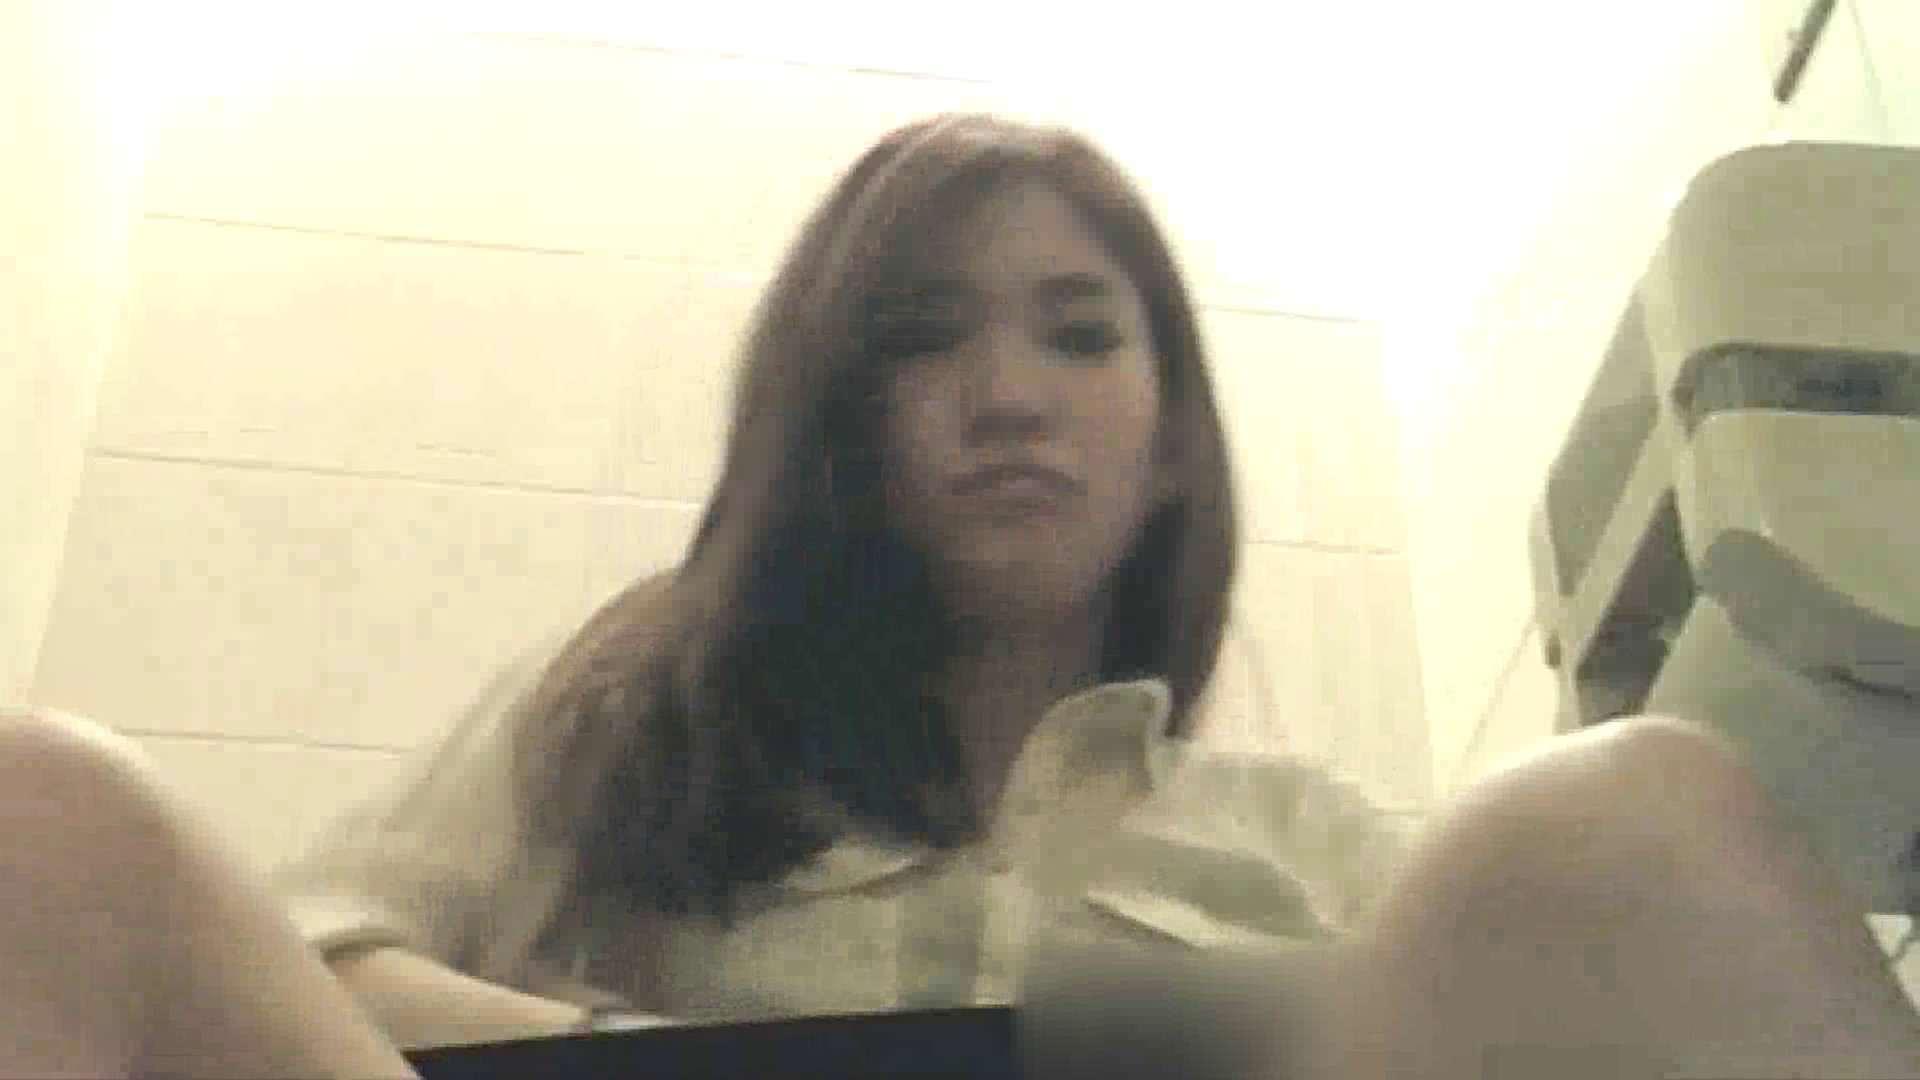 実録!!綺麗なお姉さんのトイレ事情・・・。vol.4 美女エロ画像 のぞき動画画像 39PICs 7